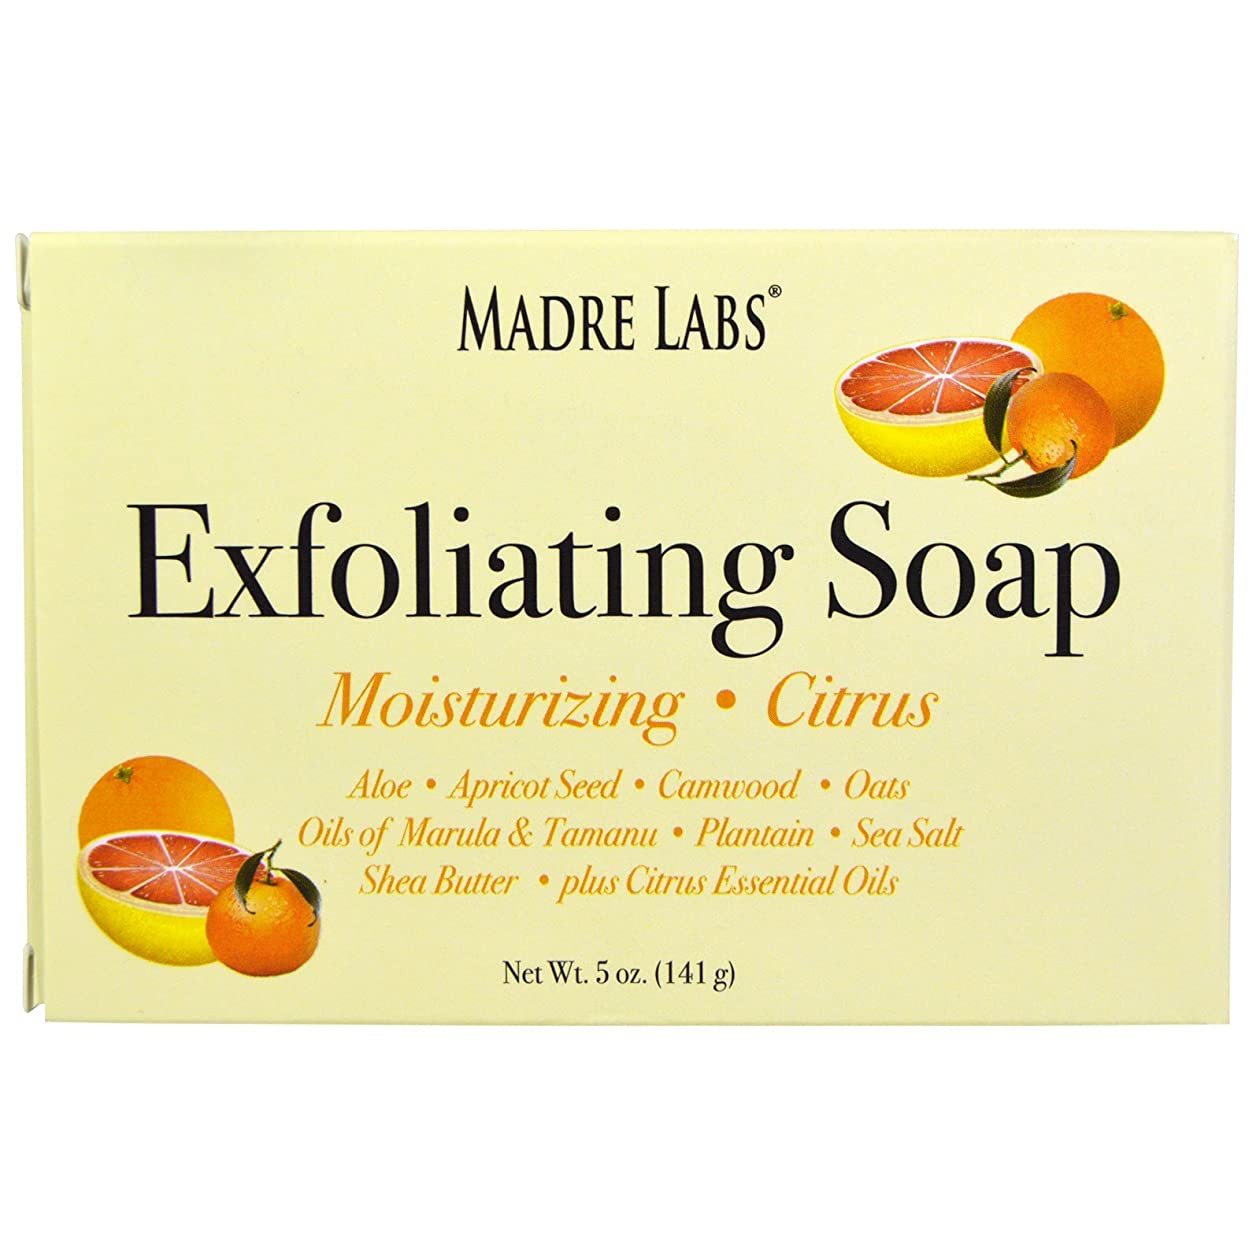 ピクニックもちろん製作マドレラブ シアバター入り石鹸 柑橘フレーバー Madre Labs Exfoliating Soap Bar with Marula & Tamanu Oils plus Shea Butter